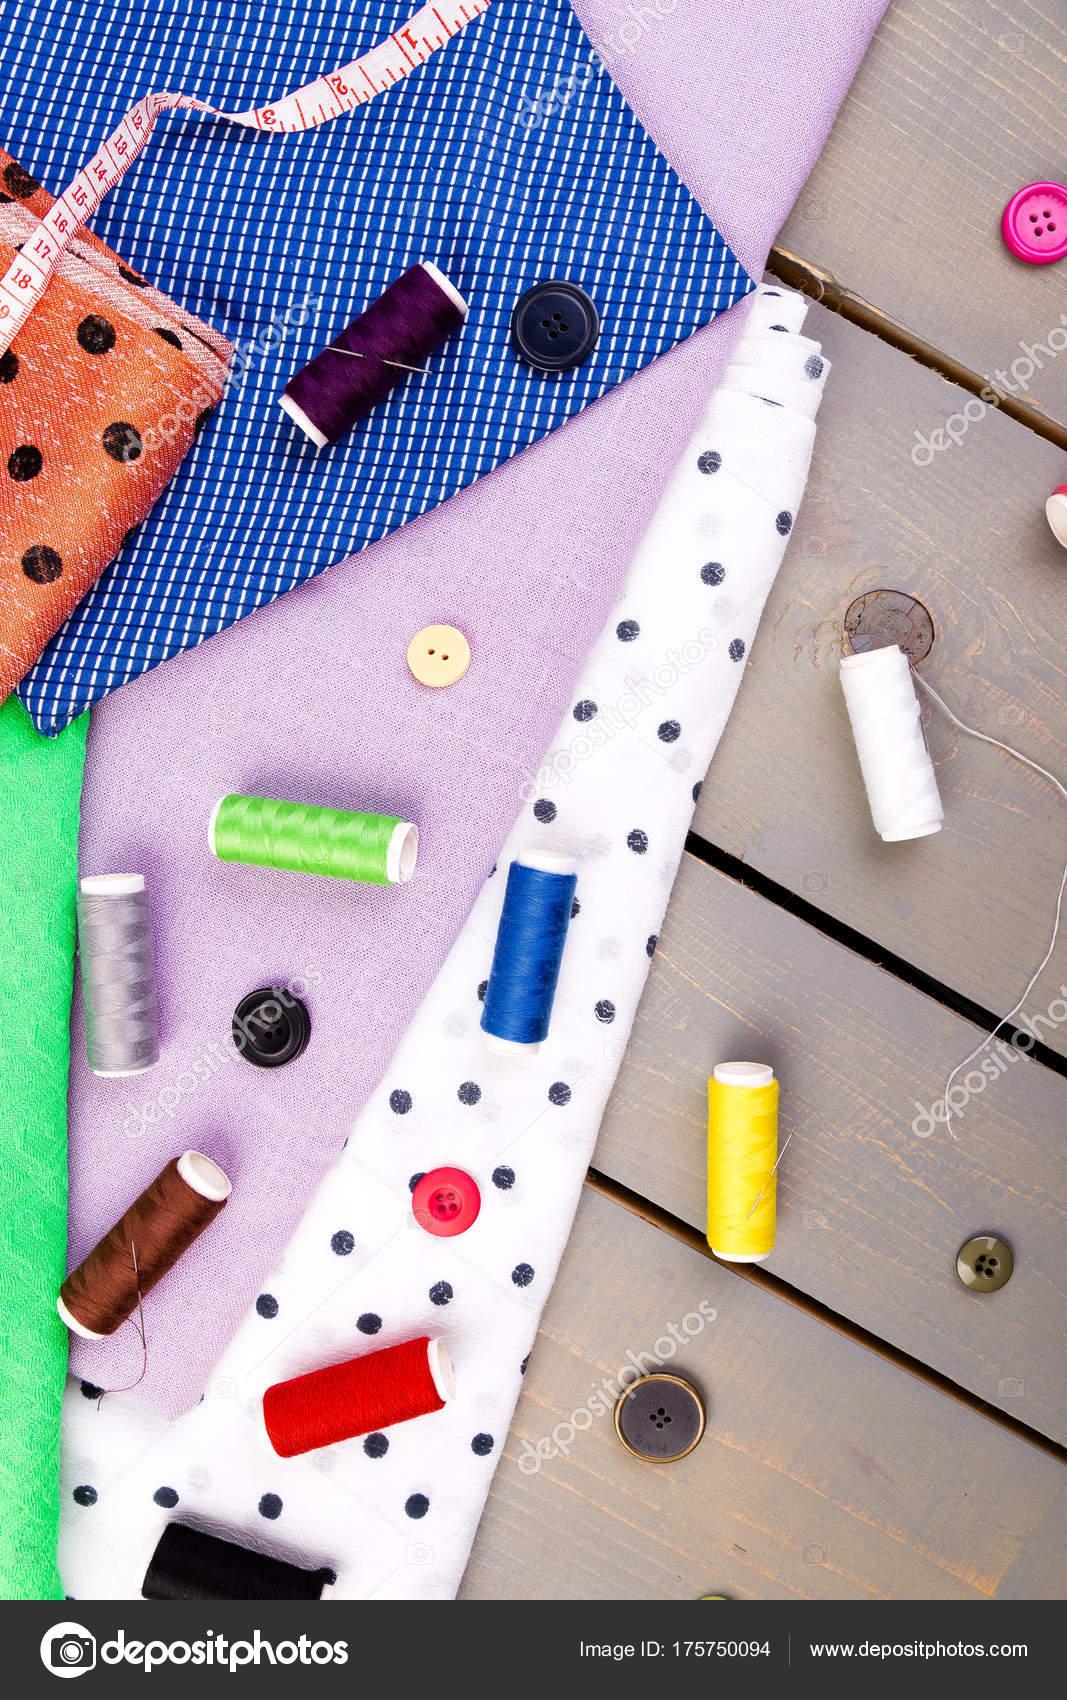 685925883421 Στοιχεία για ράψιμο ρούχων. Ράψιμο κουμπιά, πηνία των νημάτων και  υφασμάτων. Το Top